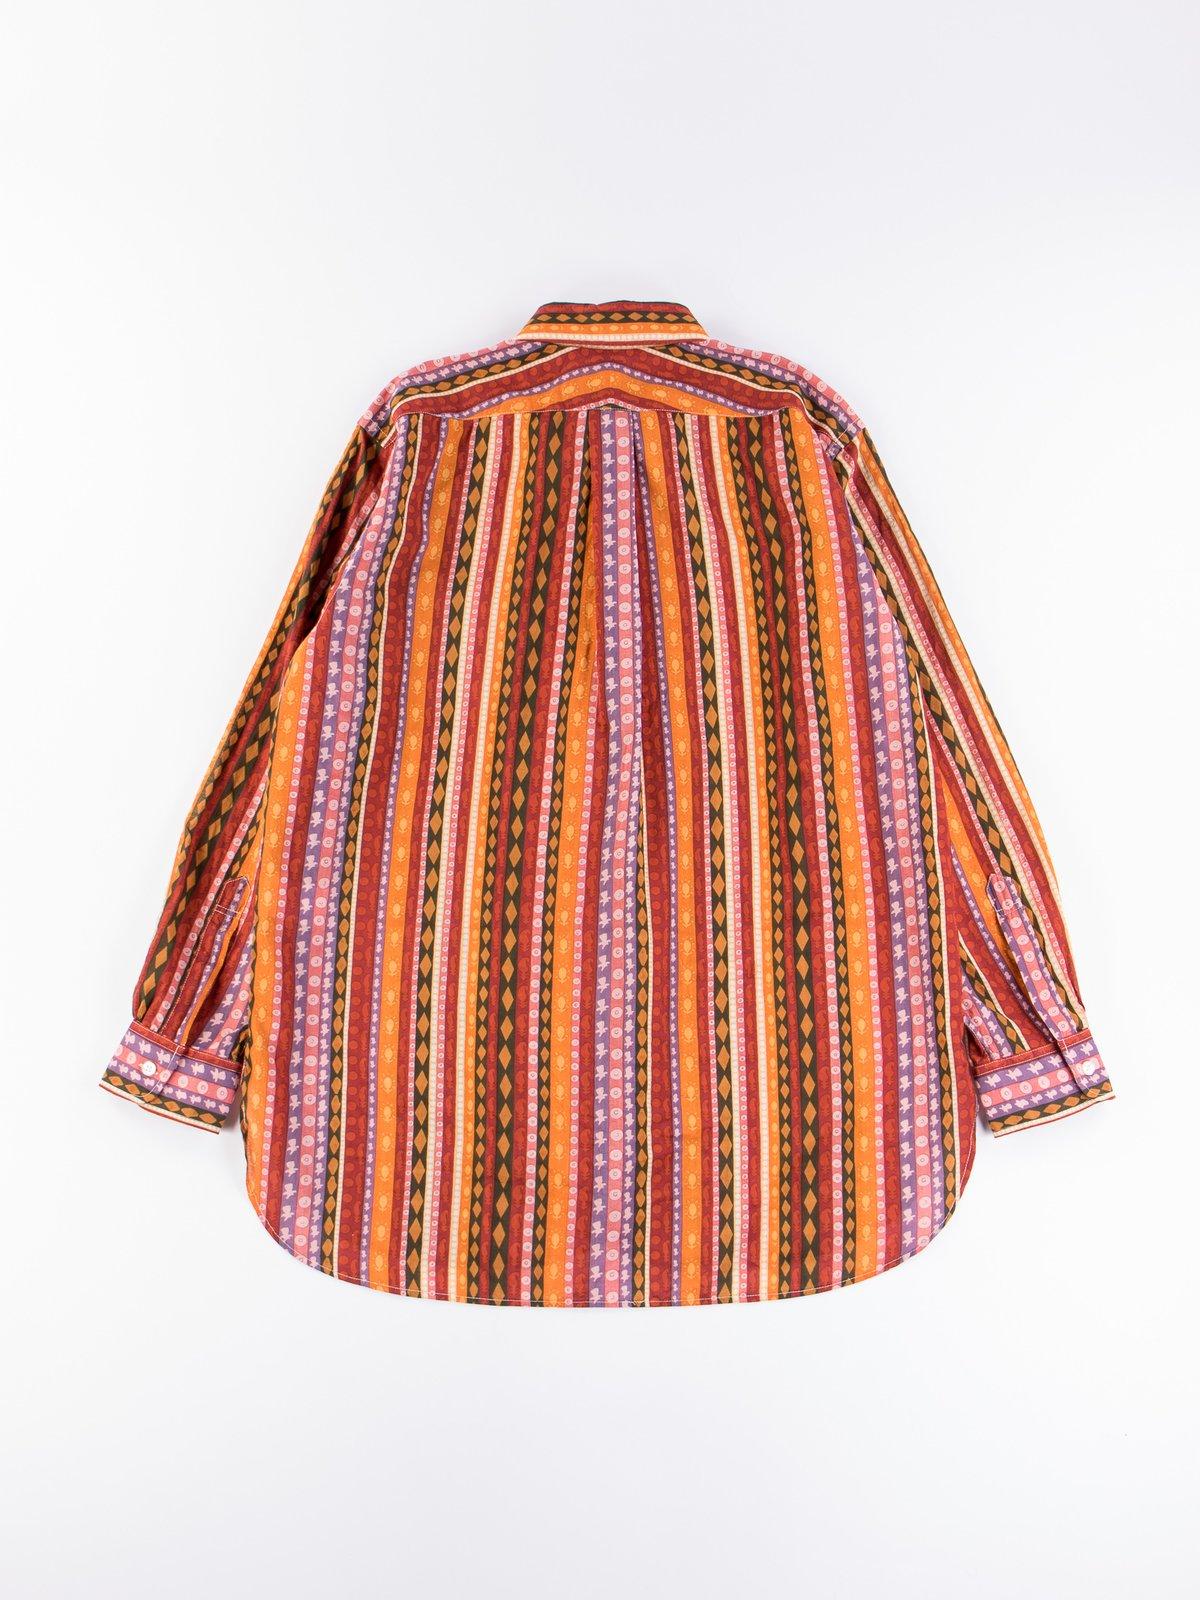 Orange Cotton Lawn Batik Stripe 19th Century BD Shirt - Image 6